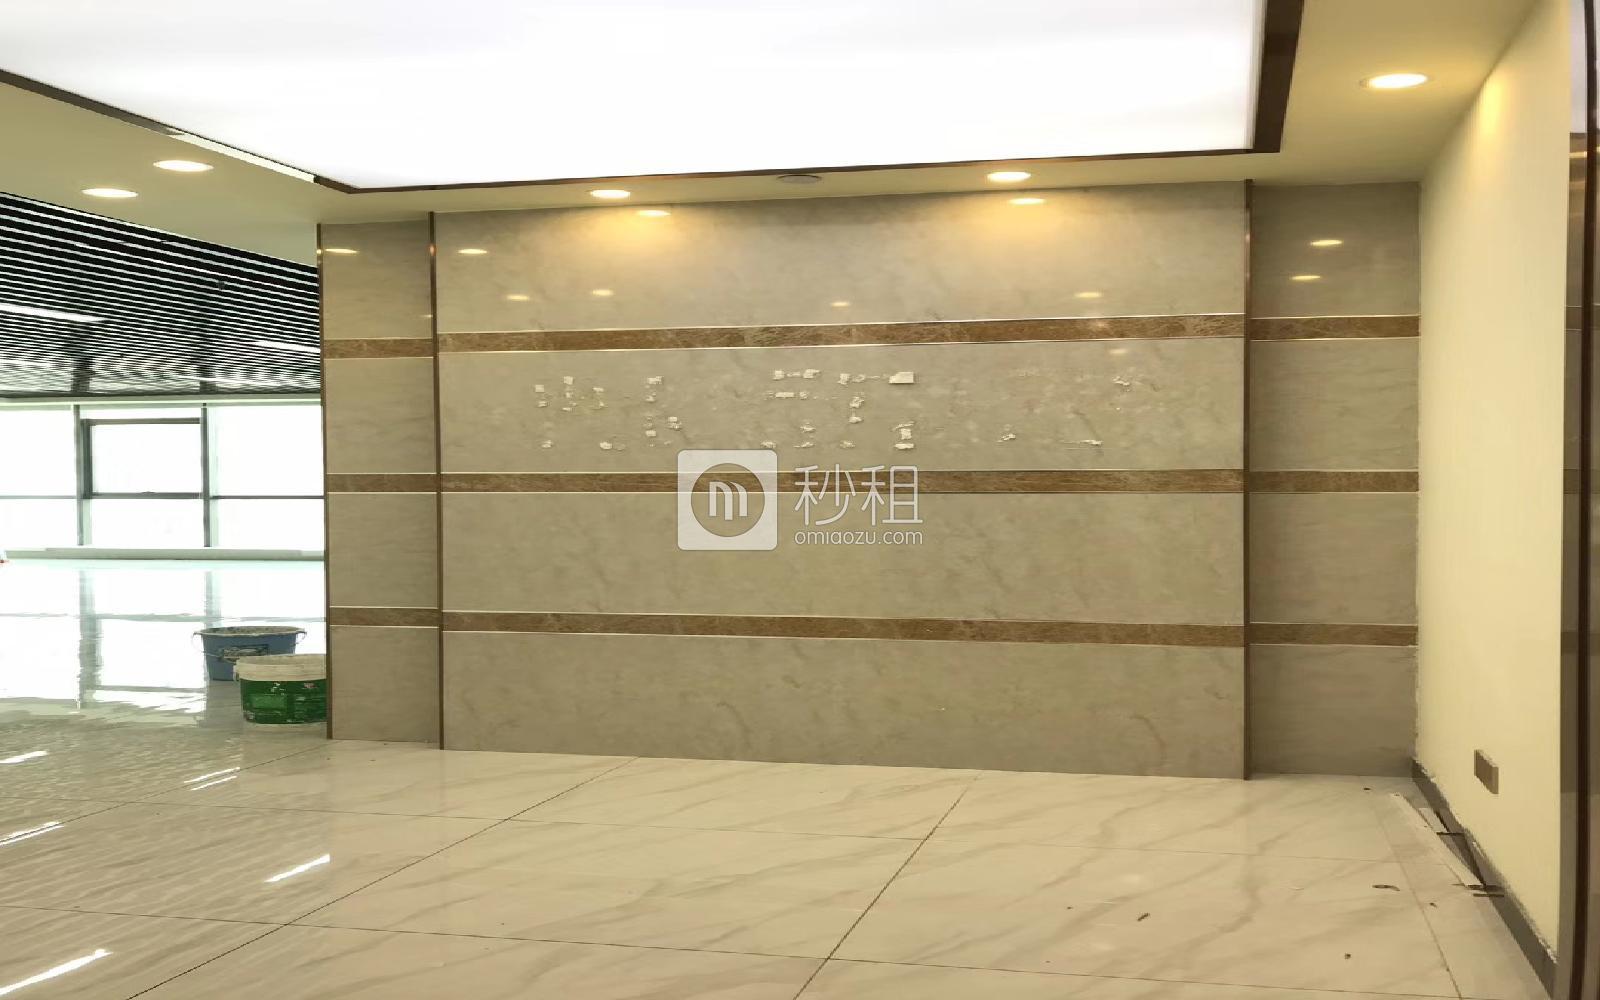 南山-科技园 西北工业大学三航科技大厦 735m²